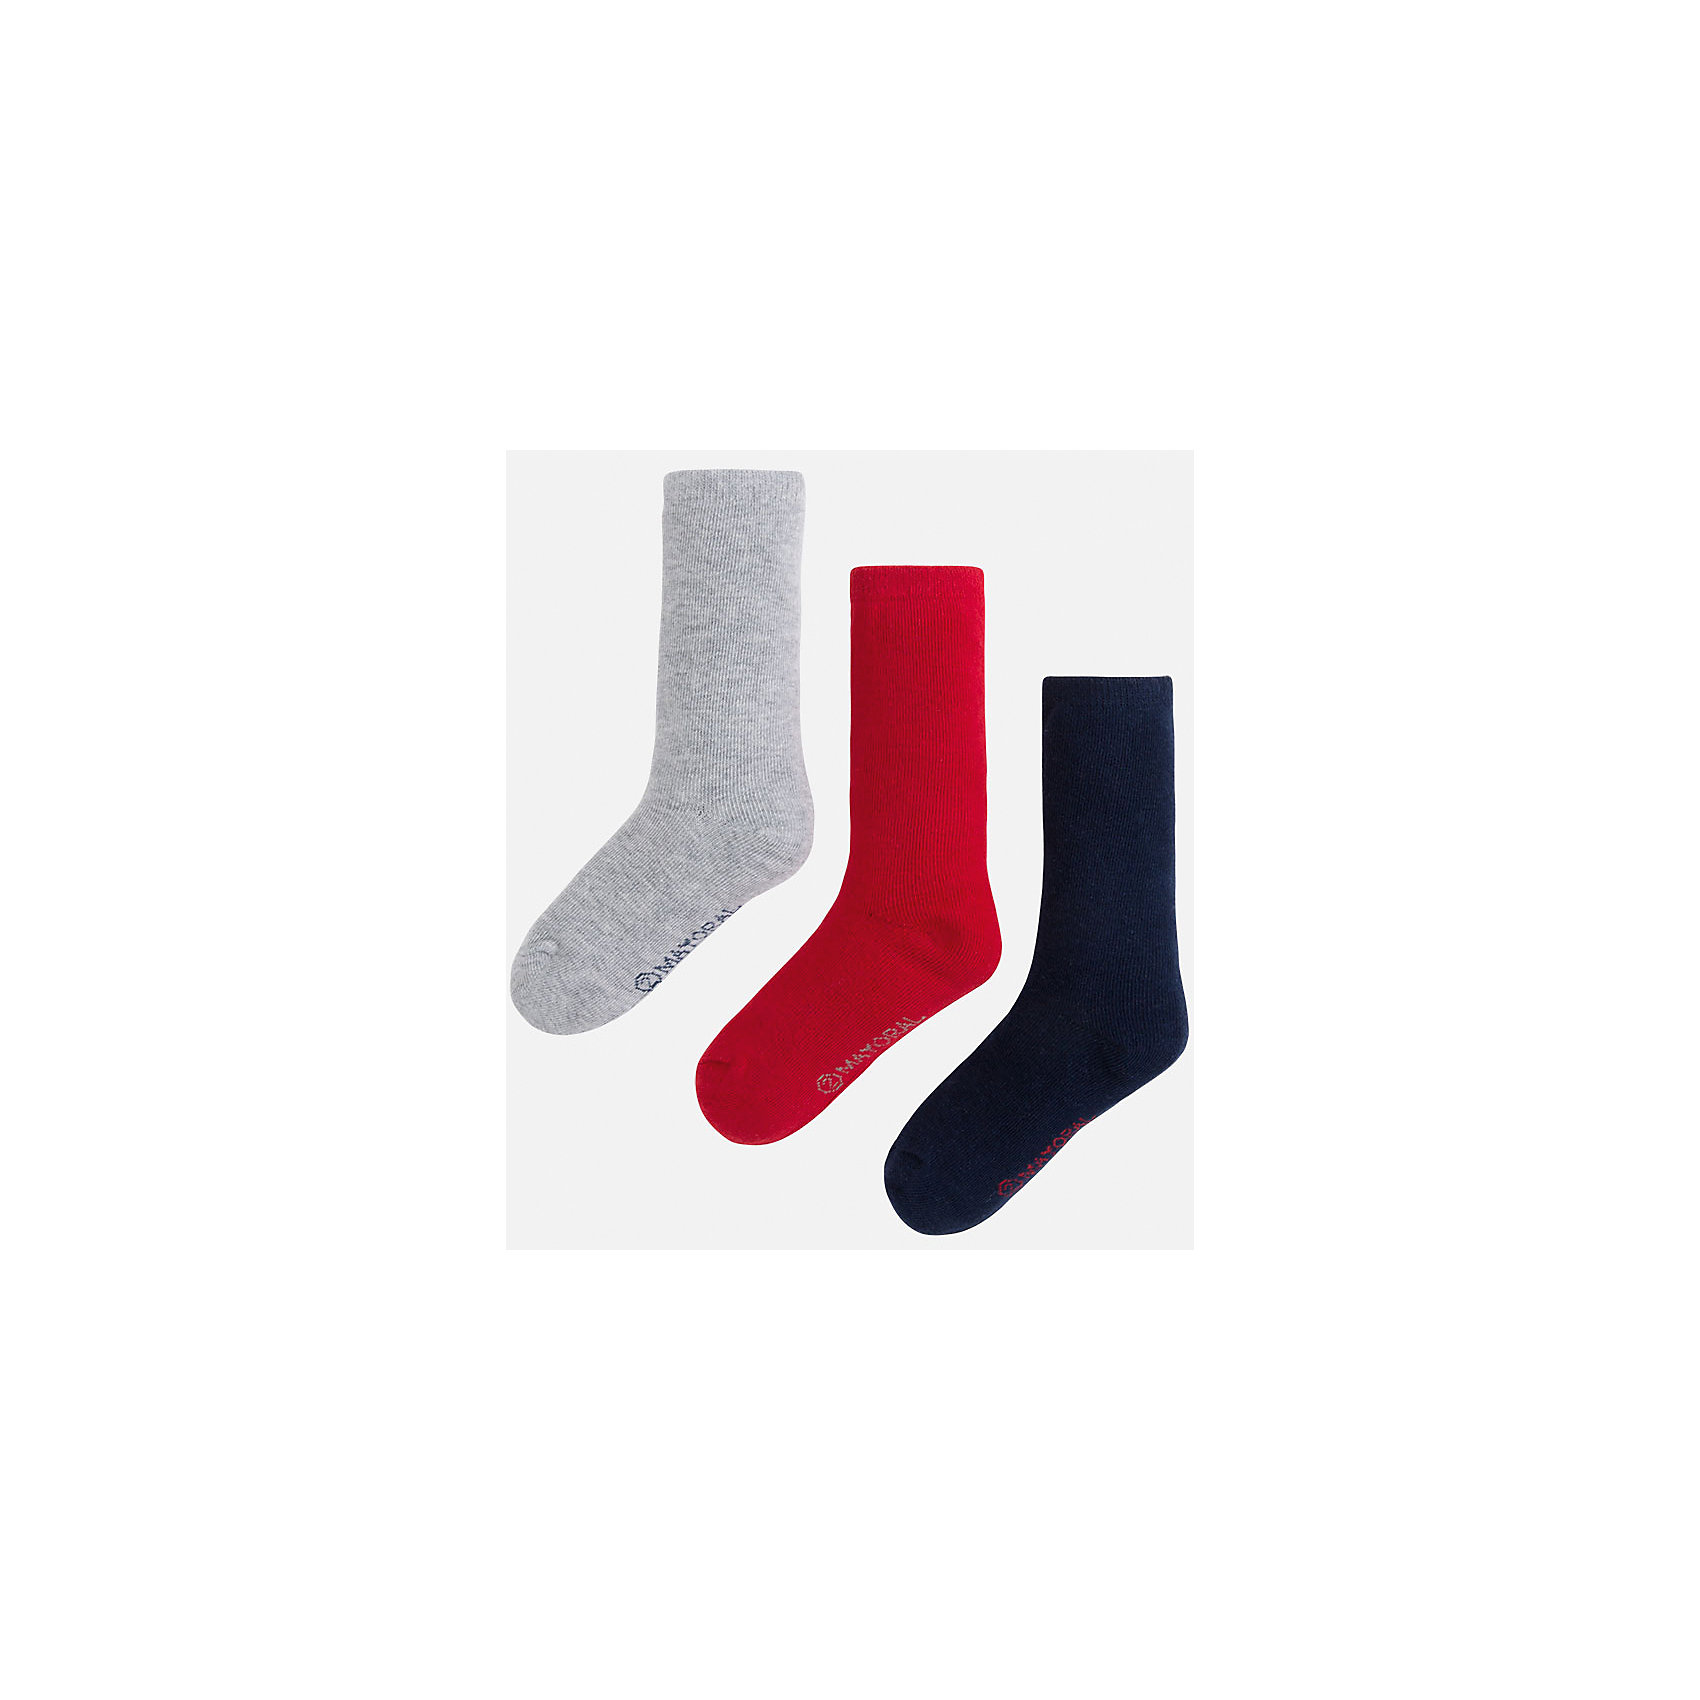 Носки для мальчика, 3 парыКомплект из 3 пар носков для мальчика от известного испанского бренда Mayoral. Изготовлены из качественных и дышащим материалов. Однотонные носки - отличный вариант на каждый день!<br>Дополнительная информация:<br>-цвет: серый; красный; темно-синий<br>-состав: 75% хлопок, 23% полиэстер, 2% эластан<br>Комплект носков Mayoral можно приобрести в нашем интернет-магазине.<br><br>Ширина мм: 87<br>Глубина мм: 10<br>Высота мм: 105<br>Вес г: 115<br>Цвет: бордовый<br>Возраст от месяцев: 60<br>Возраст до месяцев: 72<br>Пол: Мужской<br>Возраст: Детский<br>Размер: 6,4,8<br>SKU: 4820153